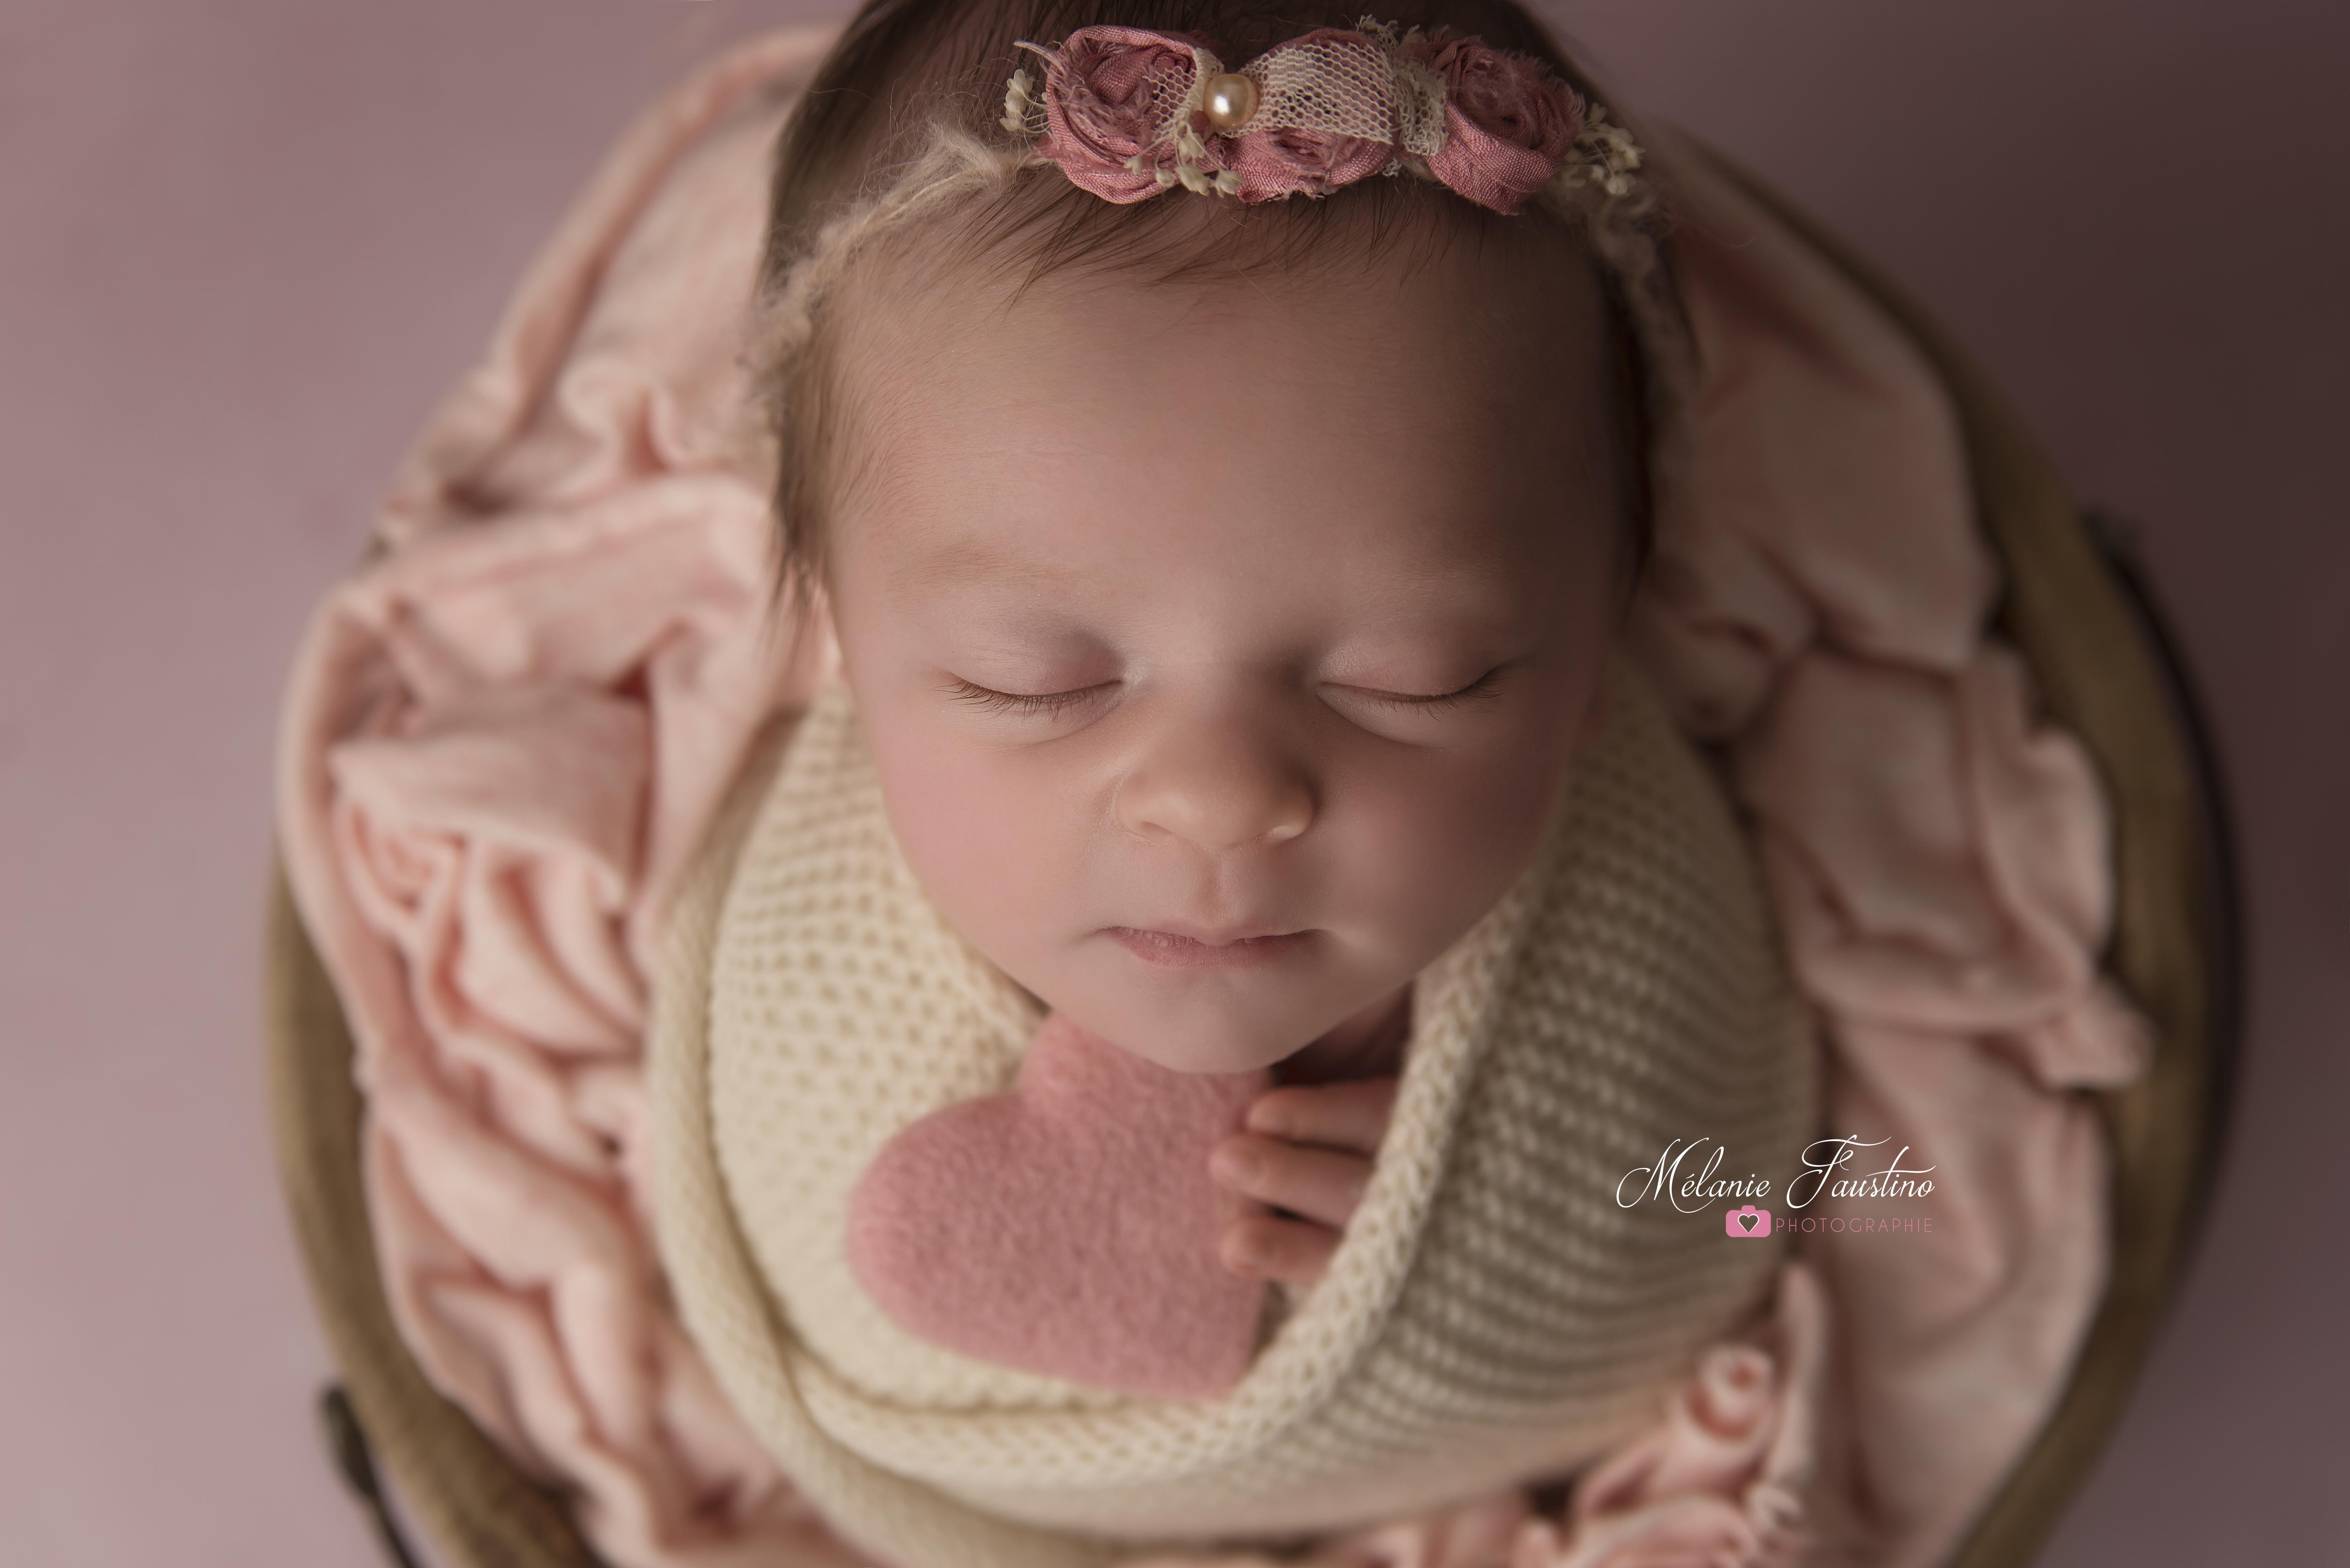 séance photo naissance bébé paris 94